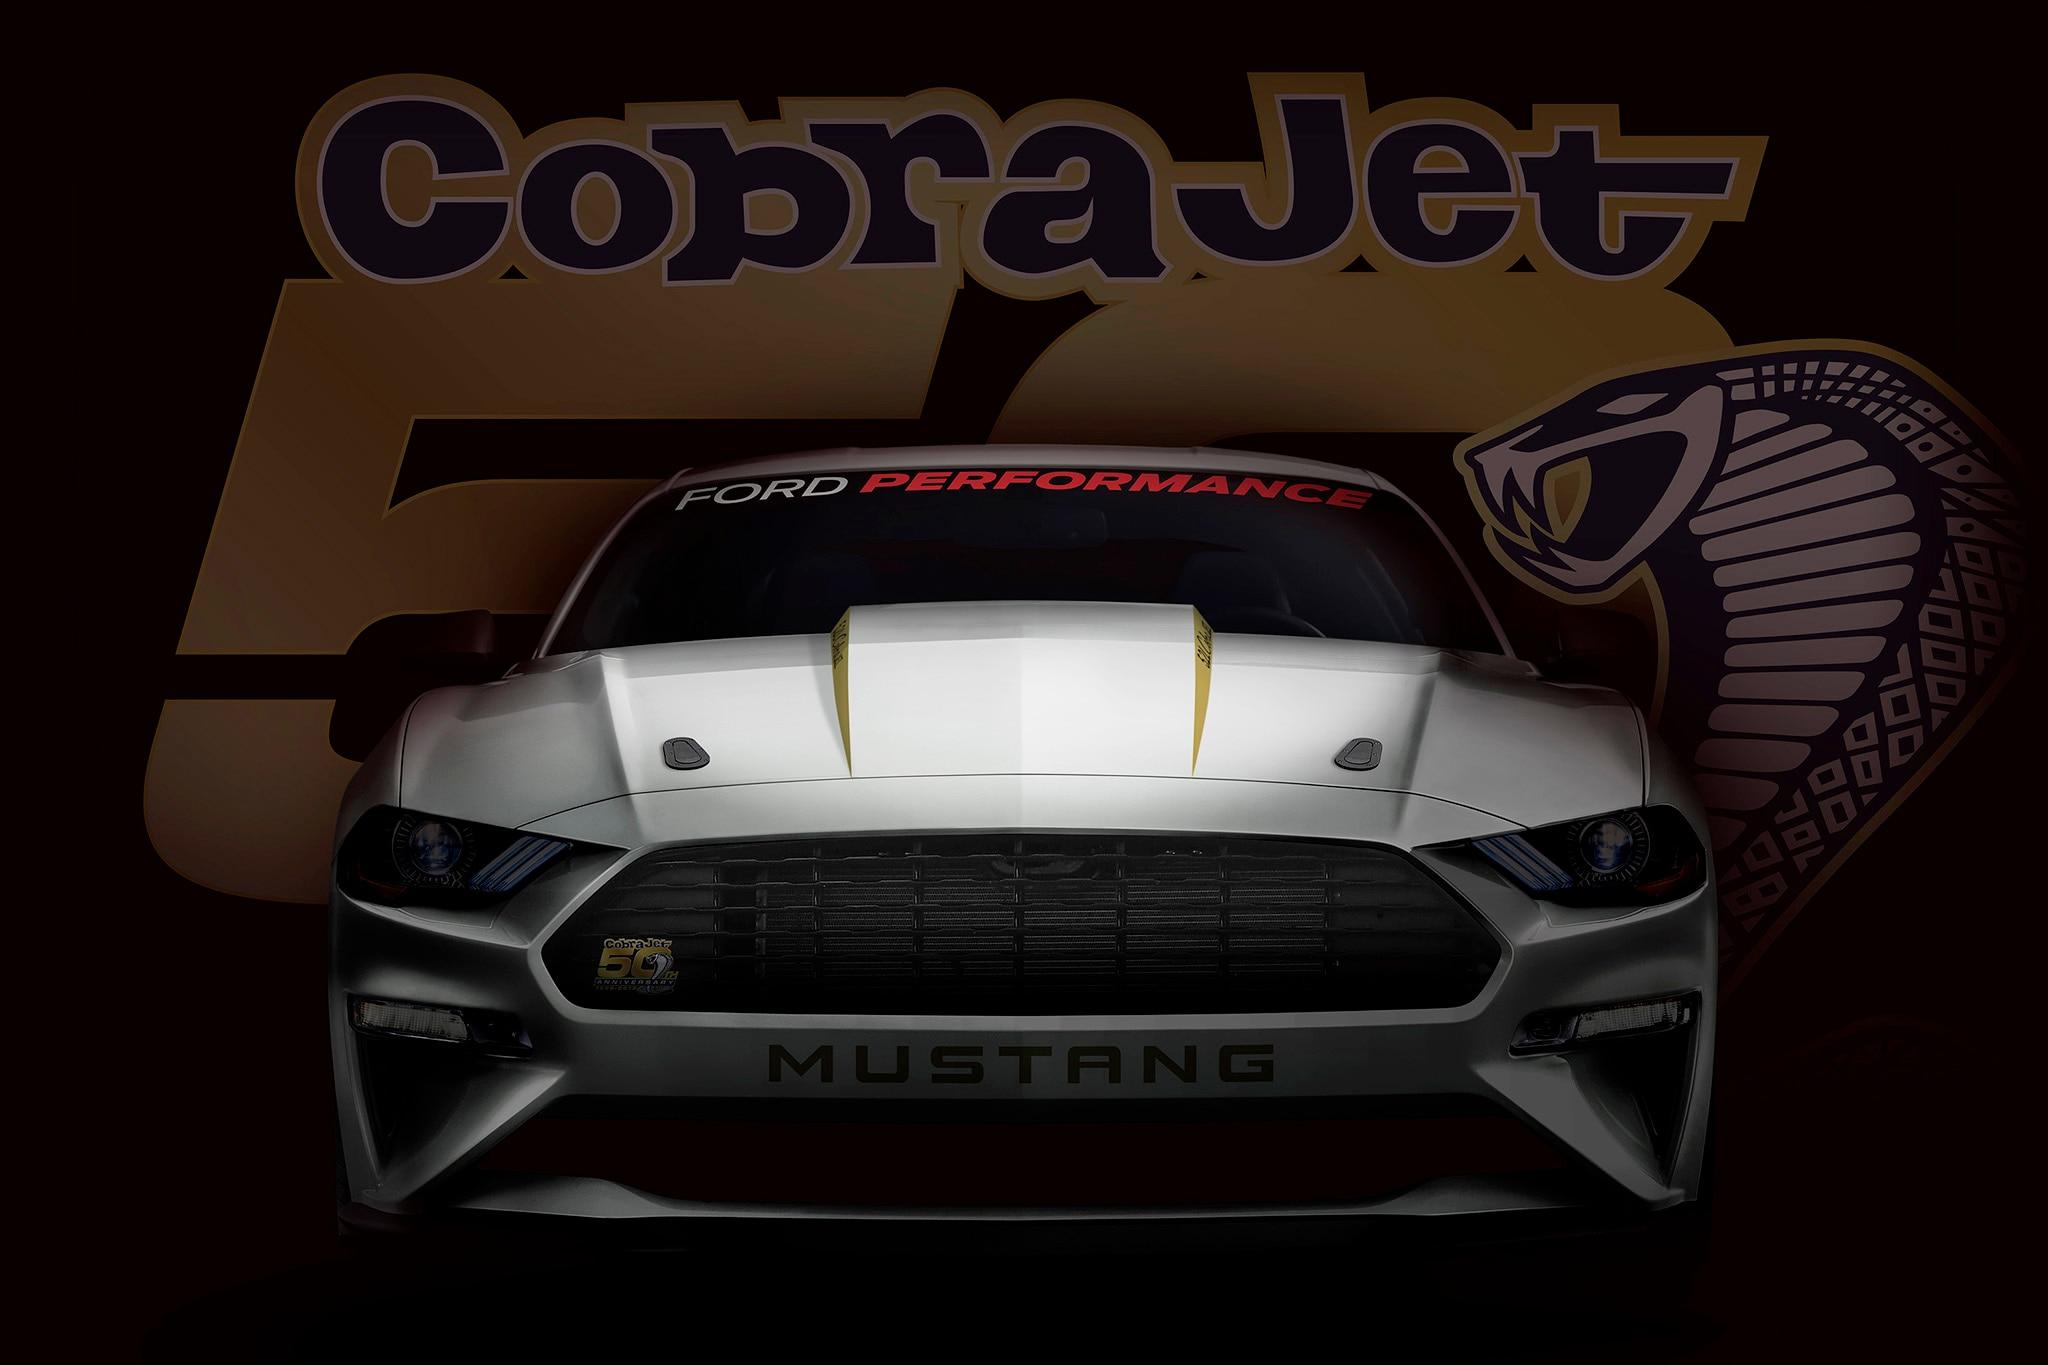 Cobra Jet Rendering